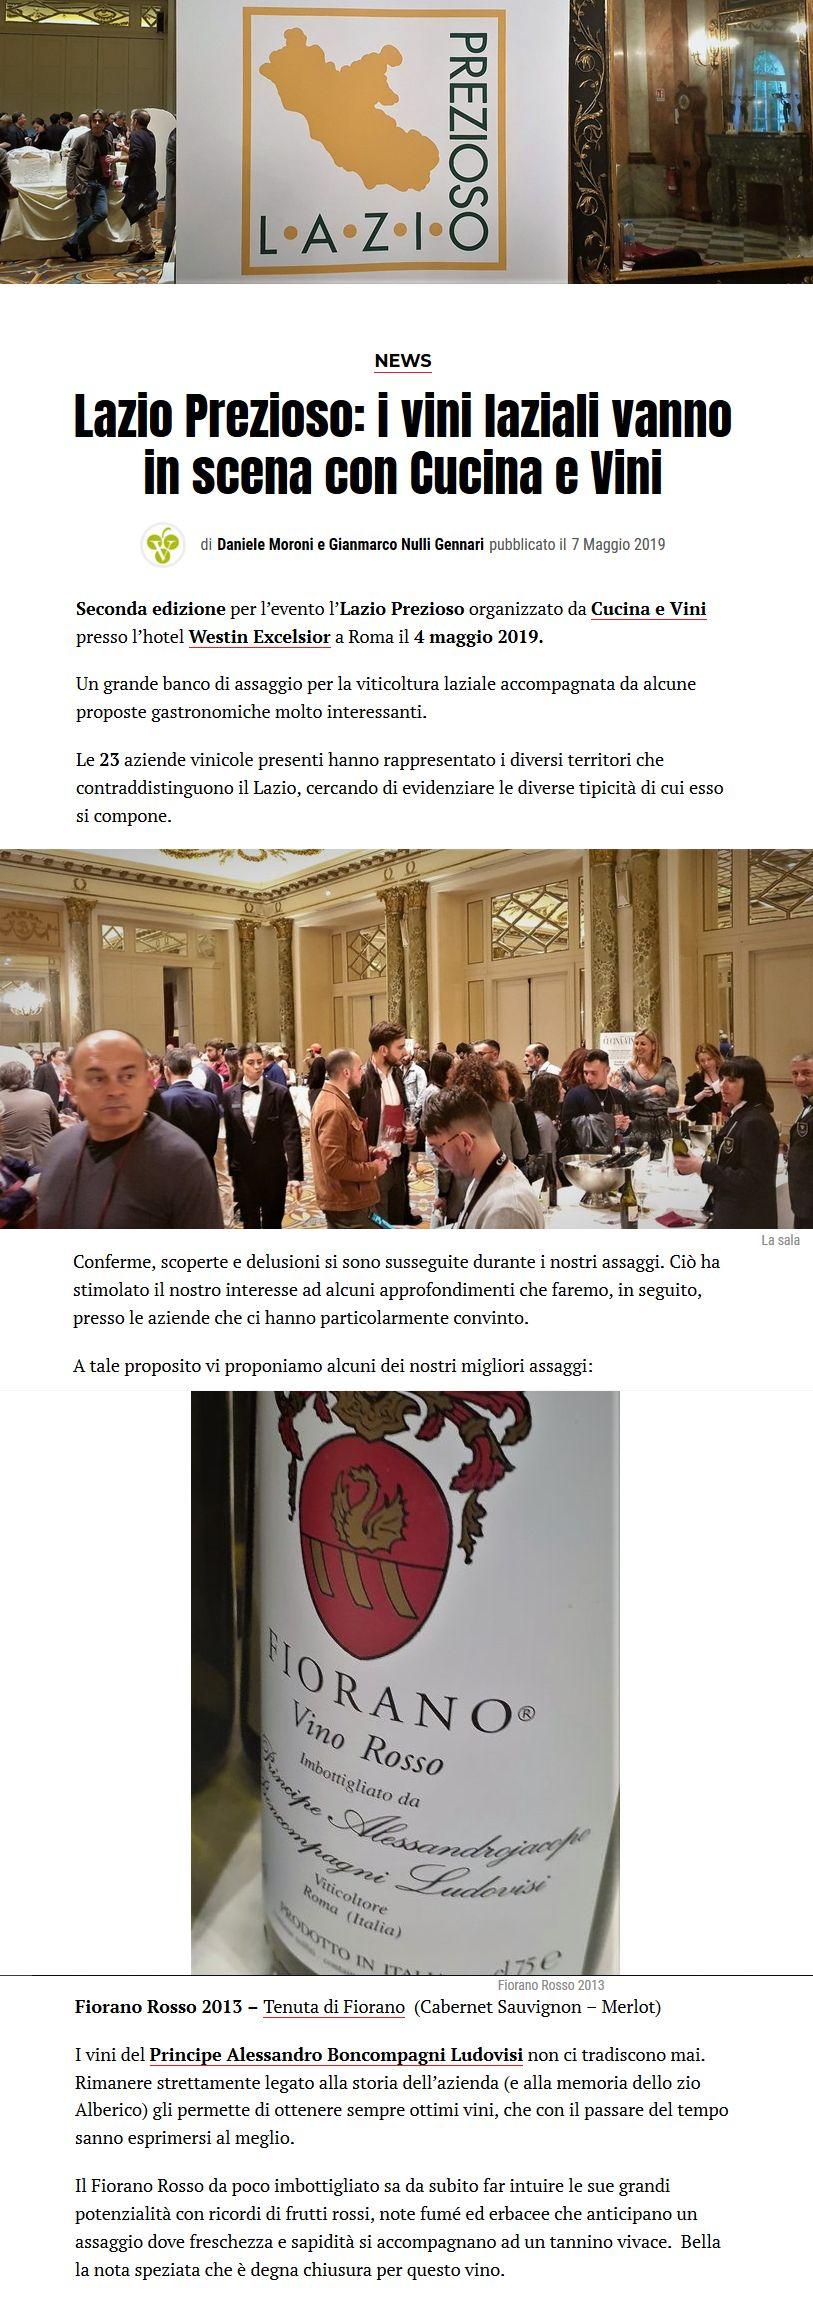 Lazio Prezioso: i vini laziali vanno in scena con Cucina e Vini